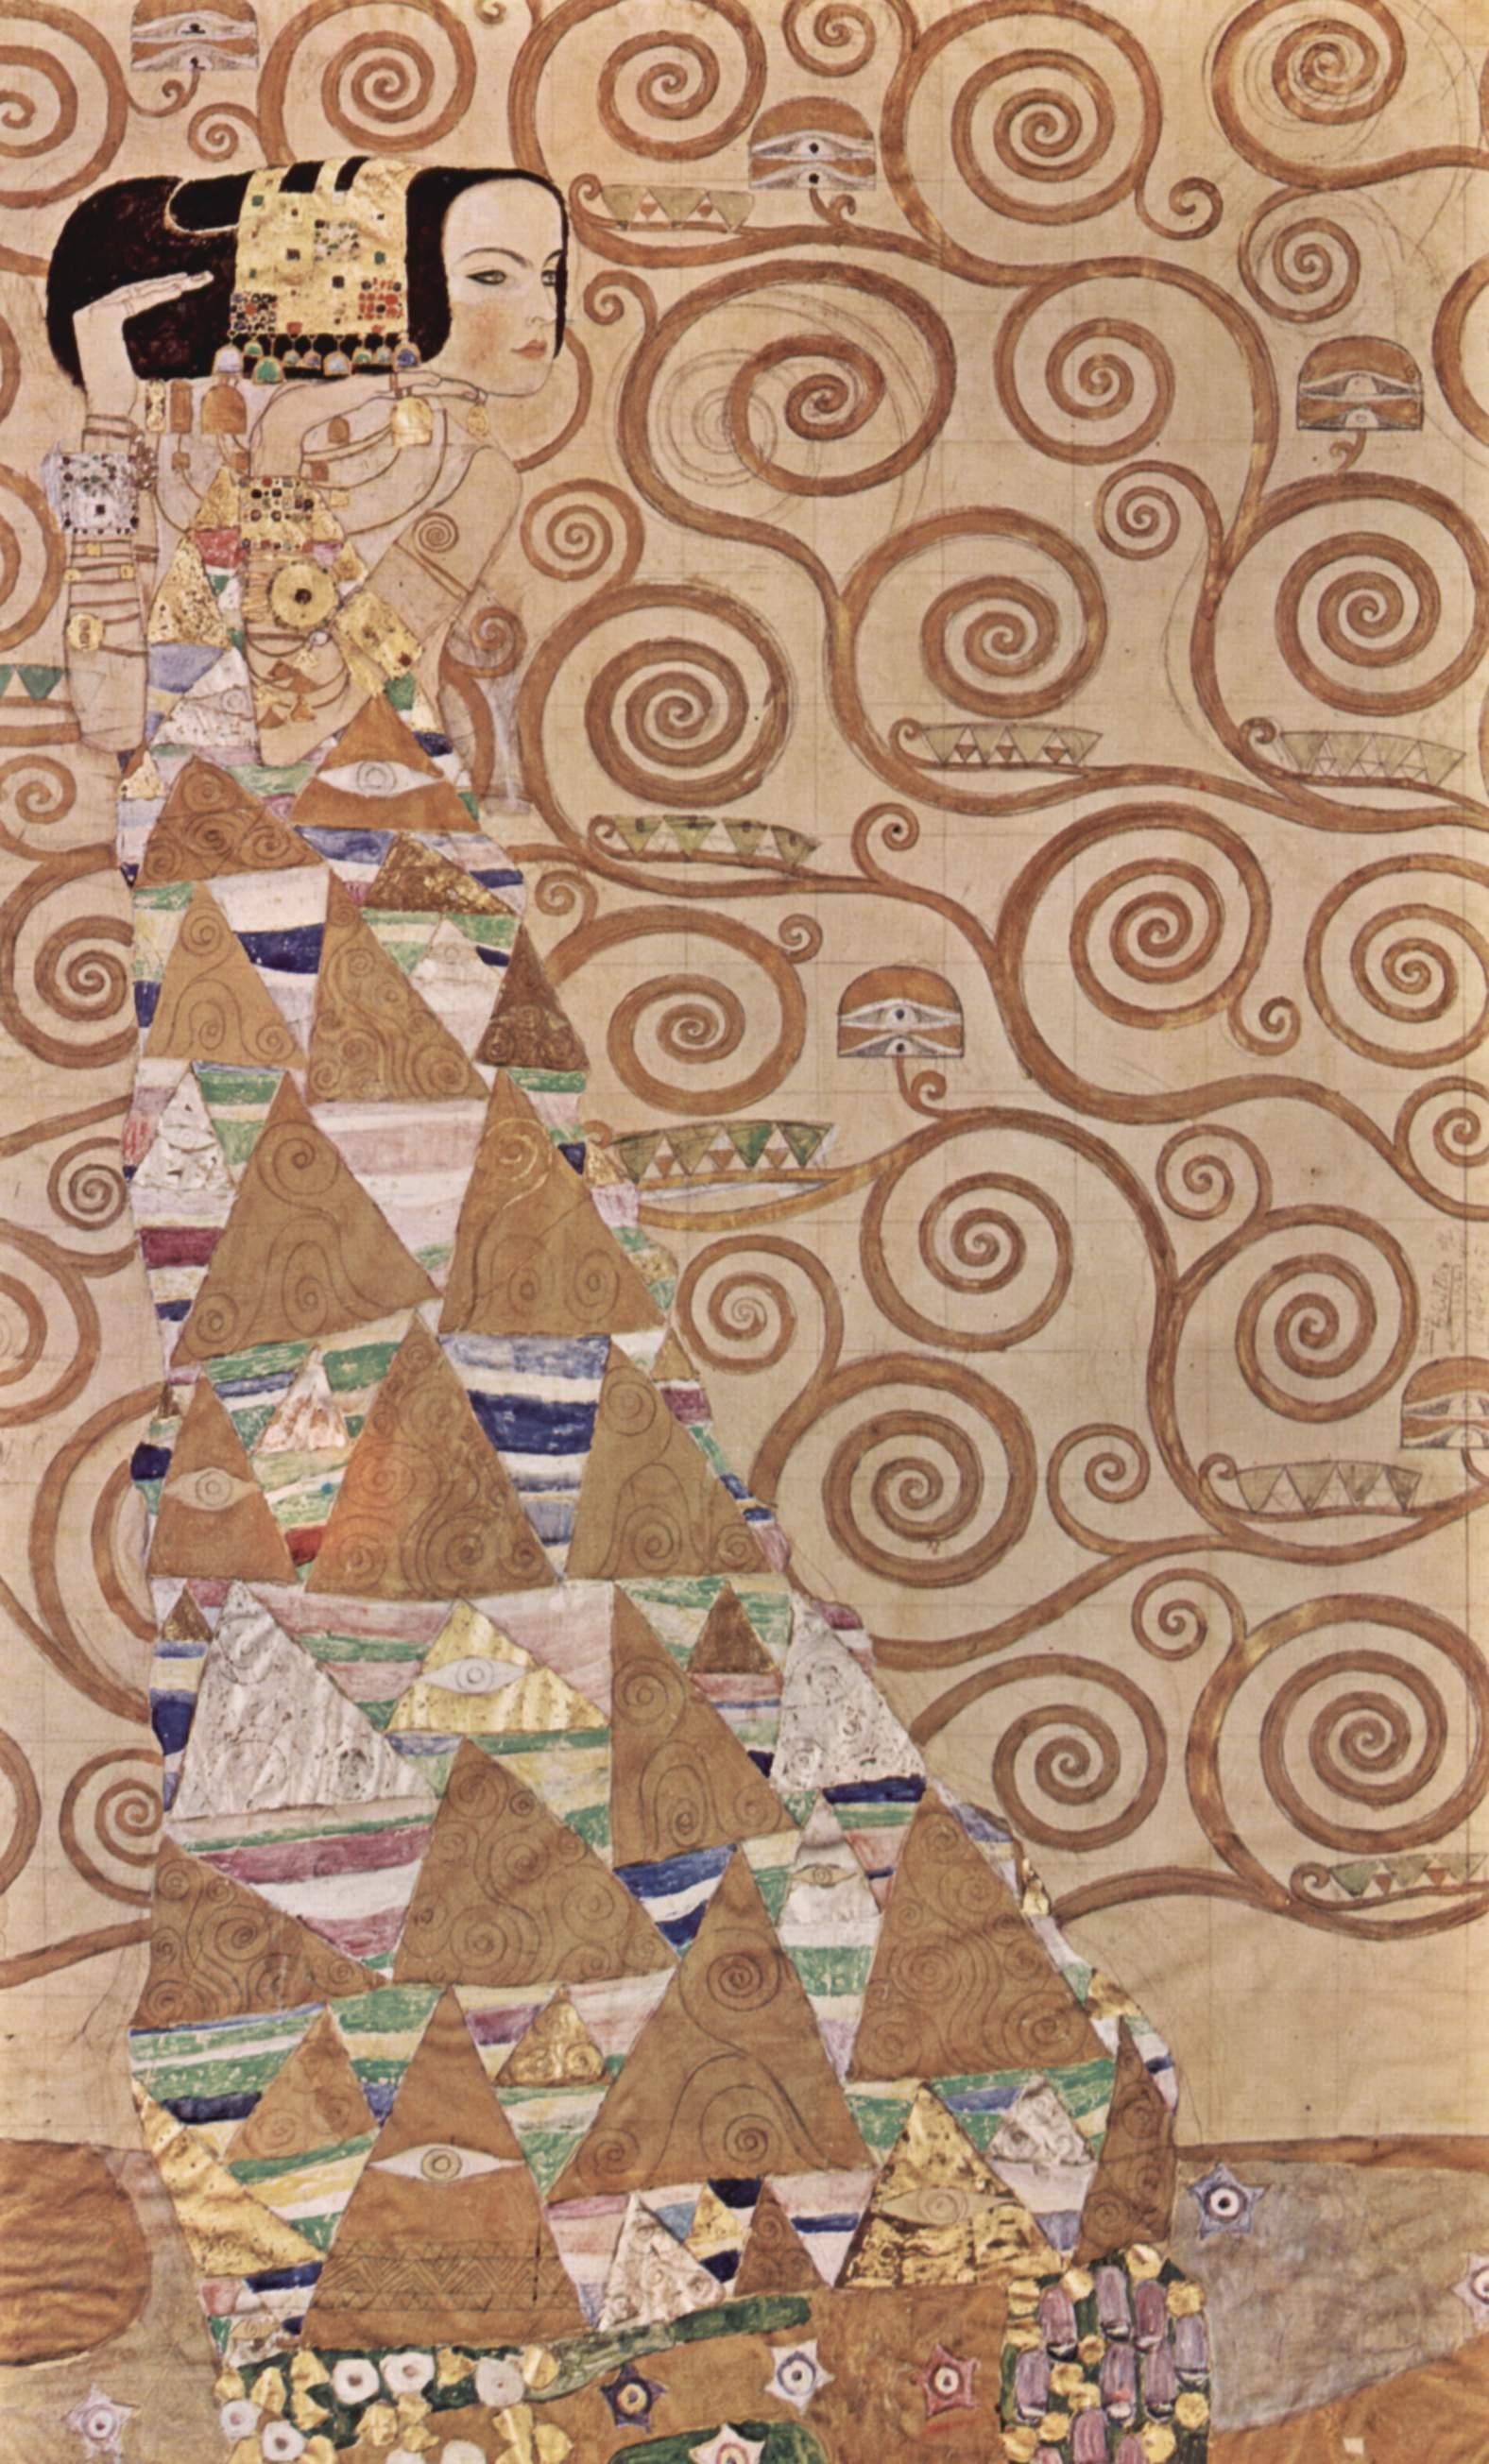 Картон для фриза во дворце Стокле (Брюссель). Фрагмент. Ожидание, Климт Густав